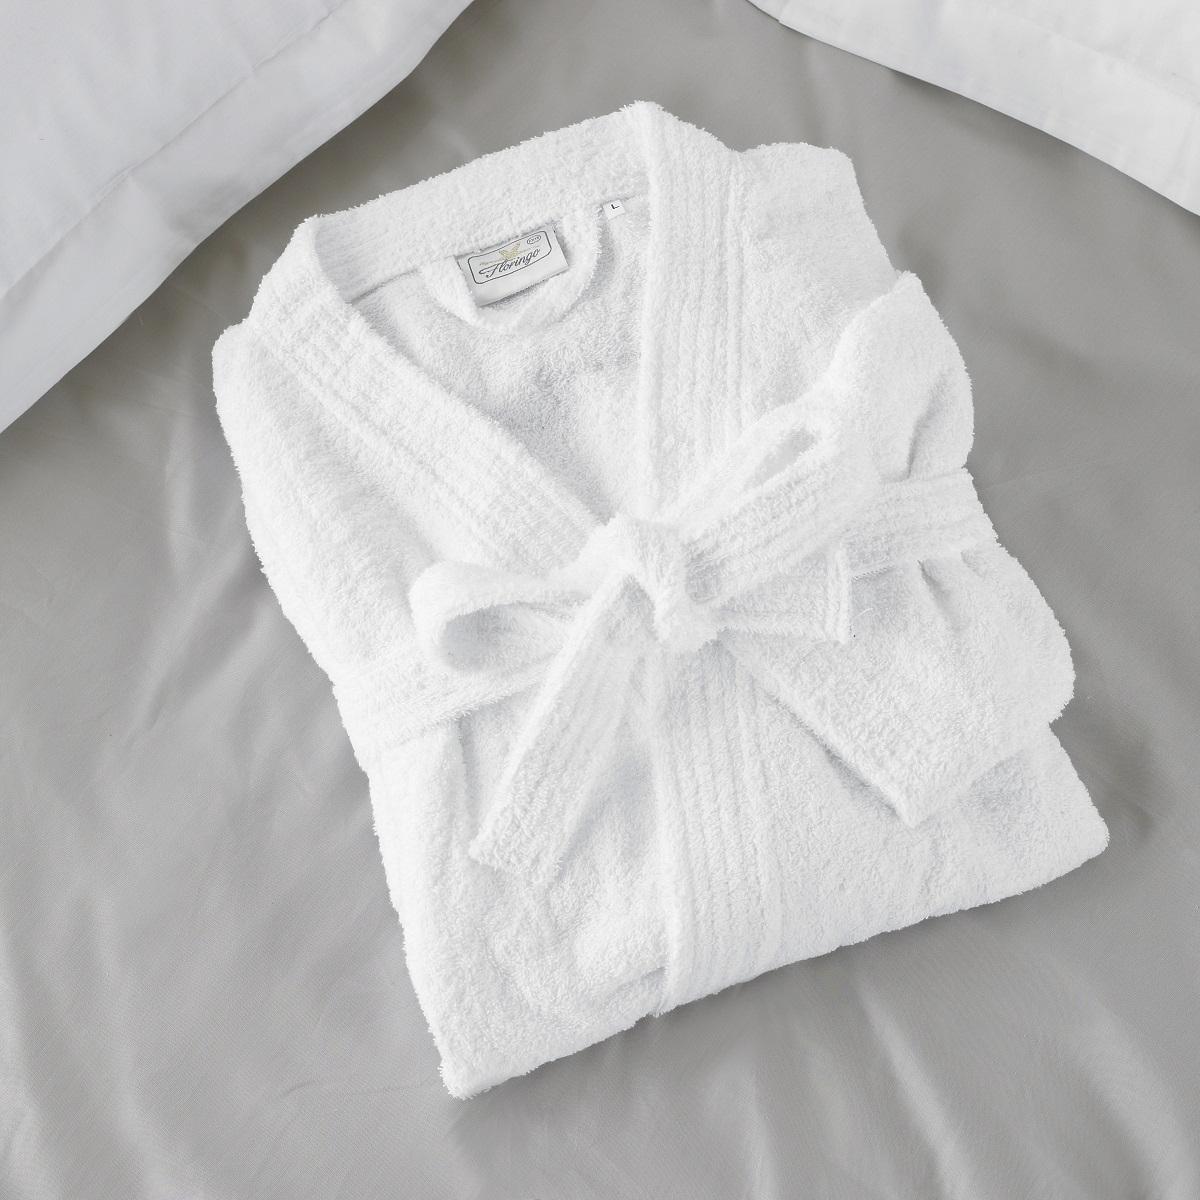 kimono_terry_bathrobe-1200_4_1.jpg